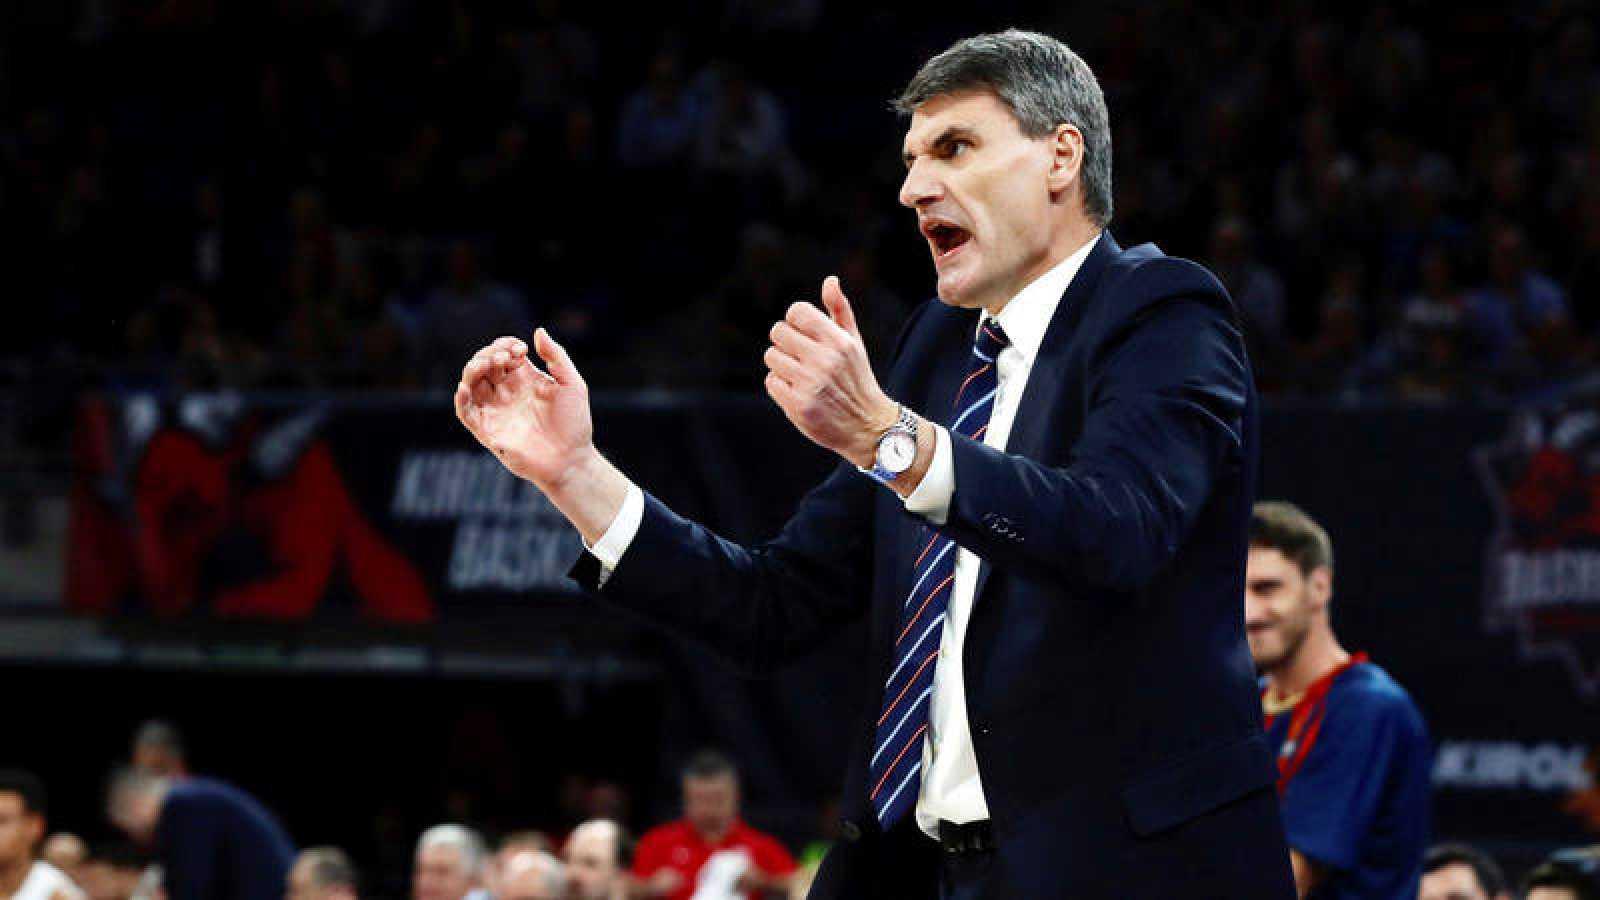 El entrenador del Baskonia, el croata Velimir Perasovic, durante un partido de la Euroliga de baloncesto.